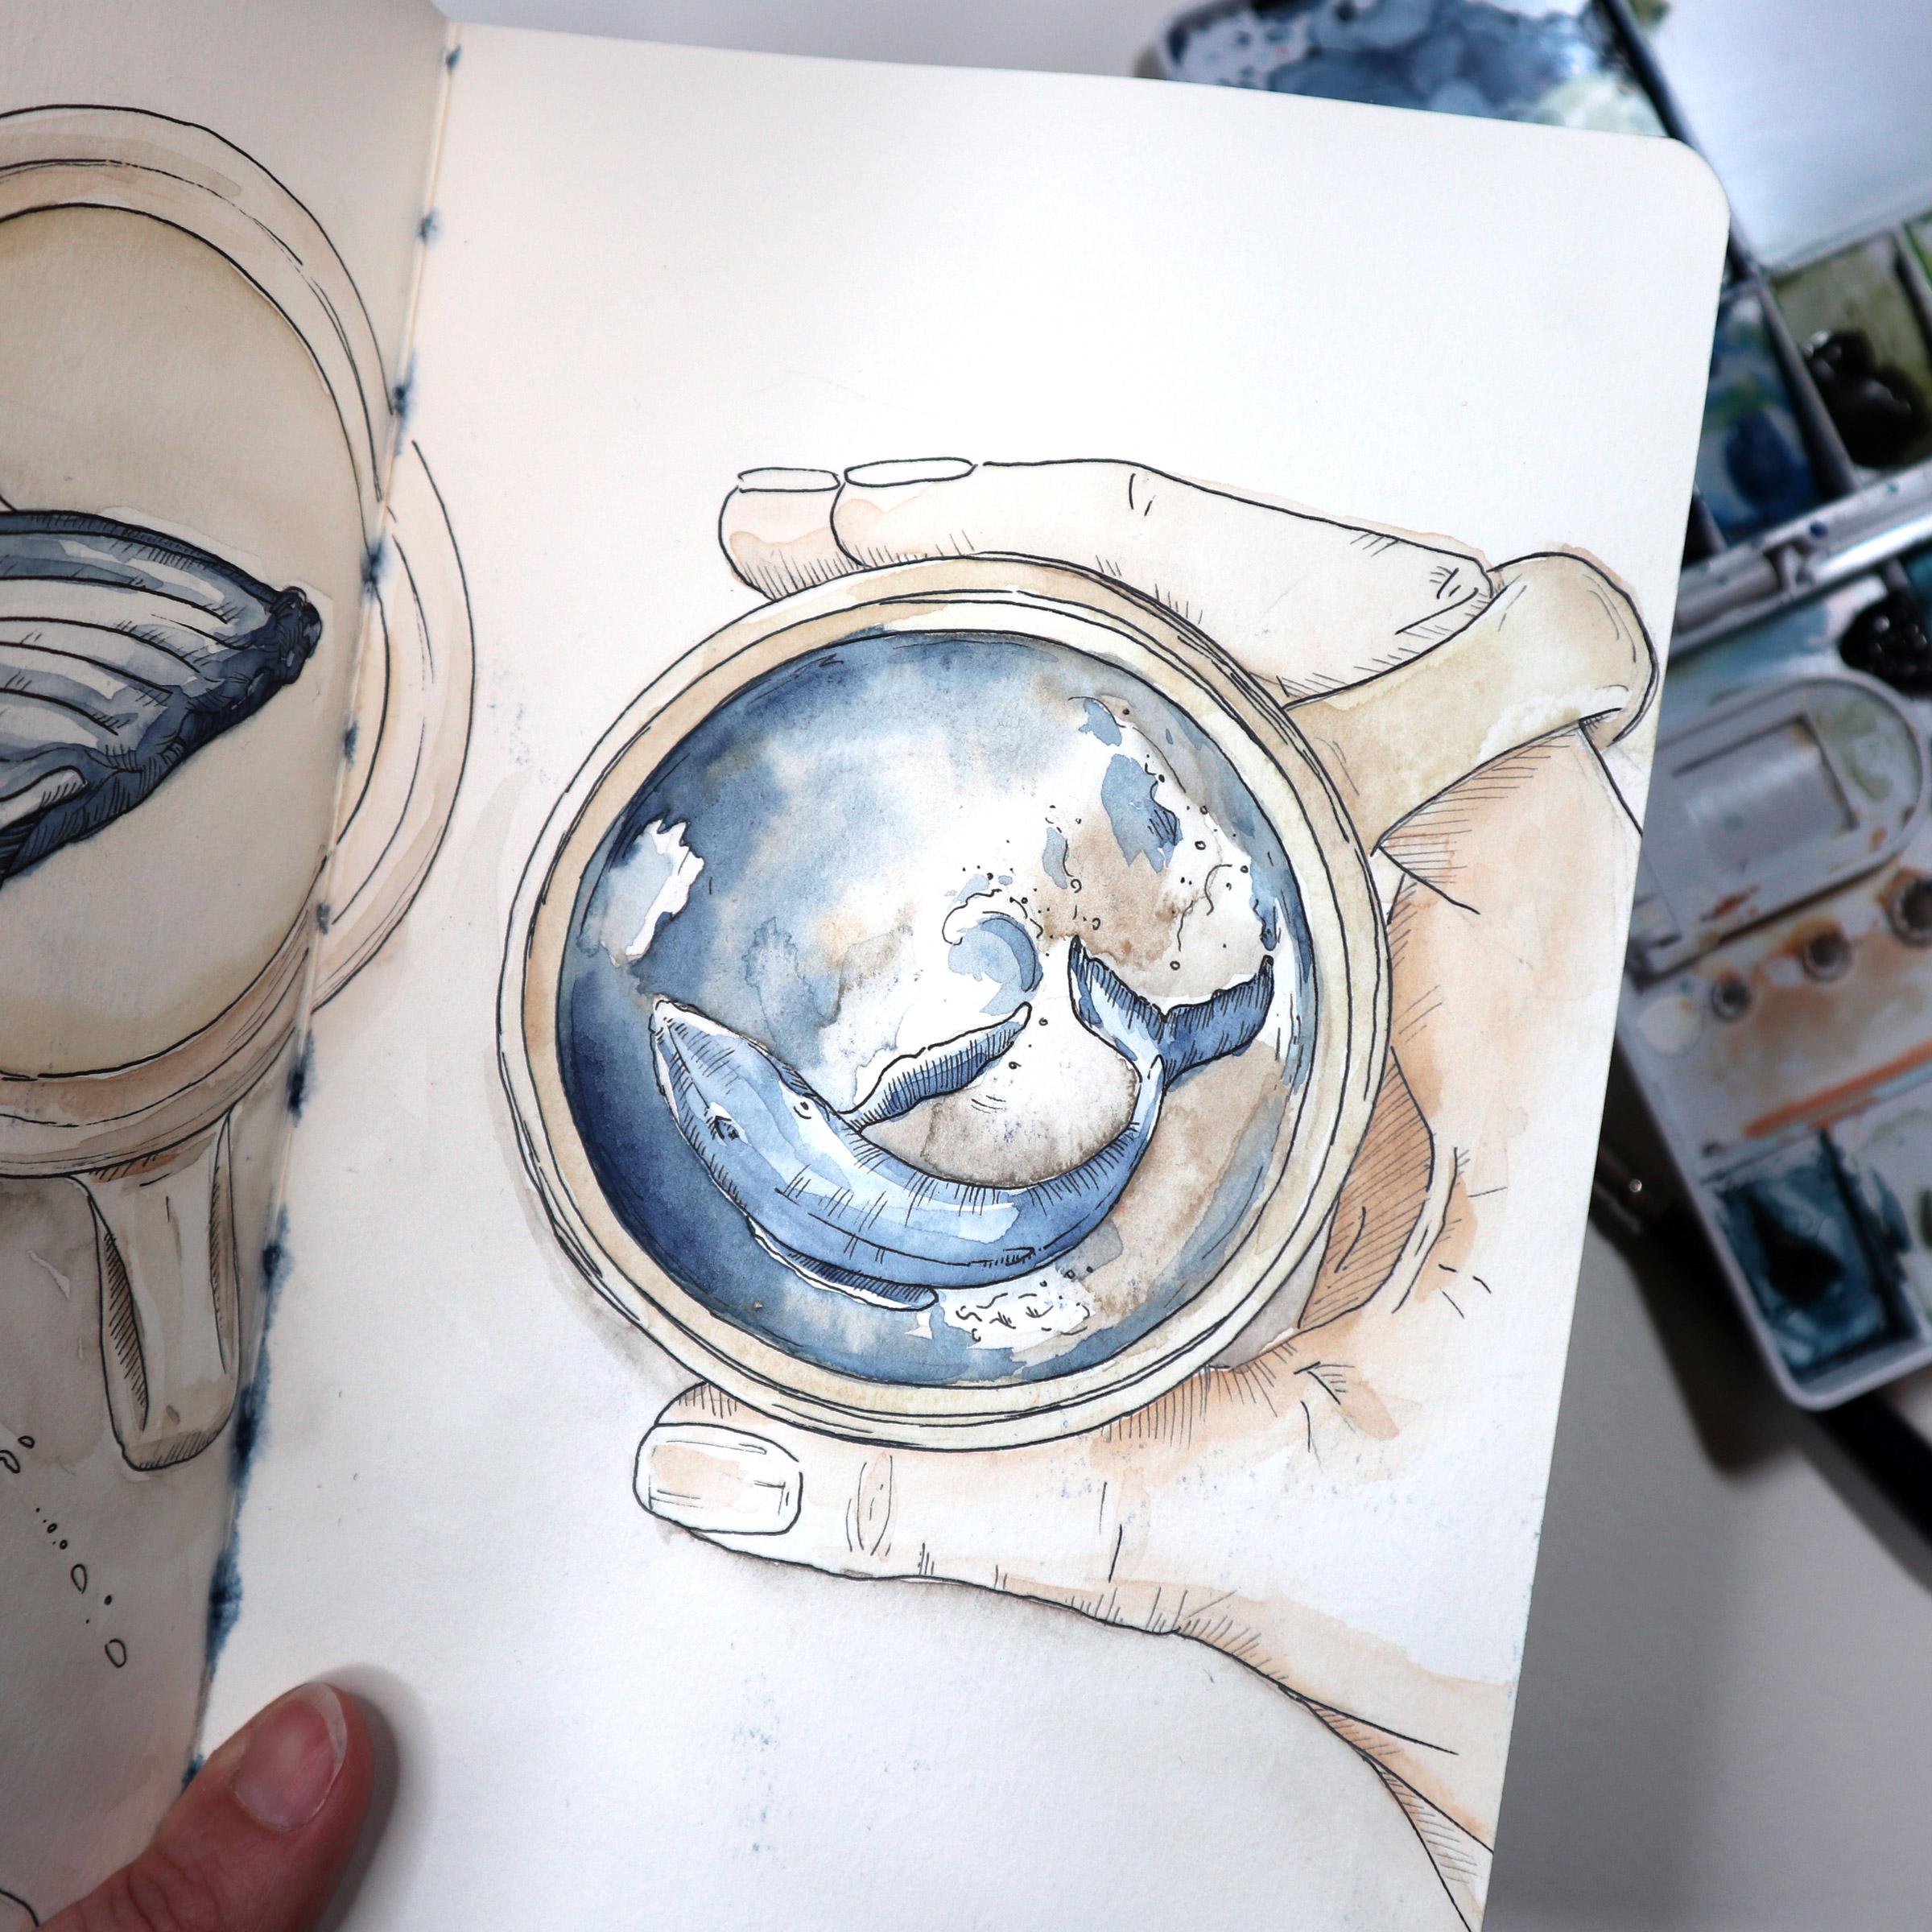 Die Vorlage aus dem Sketchbook: Finelinerzeichnung mit etwas Farbe